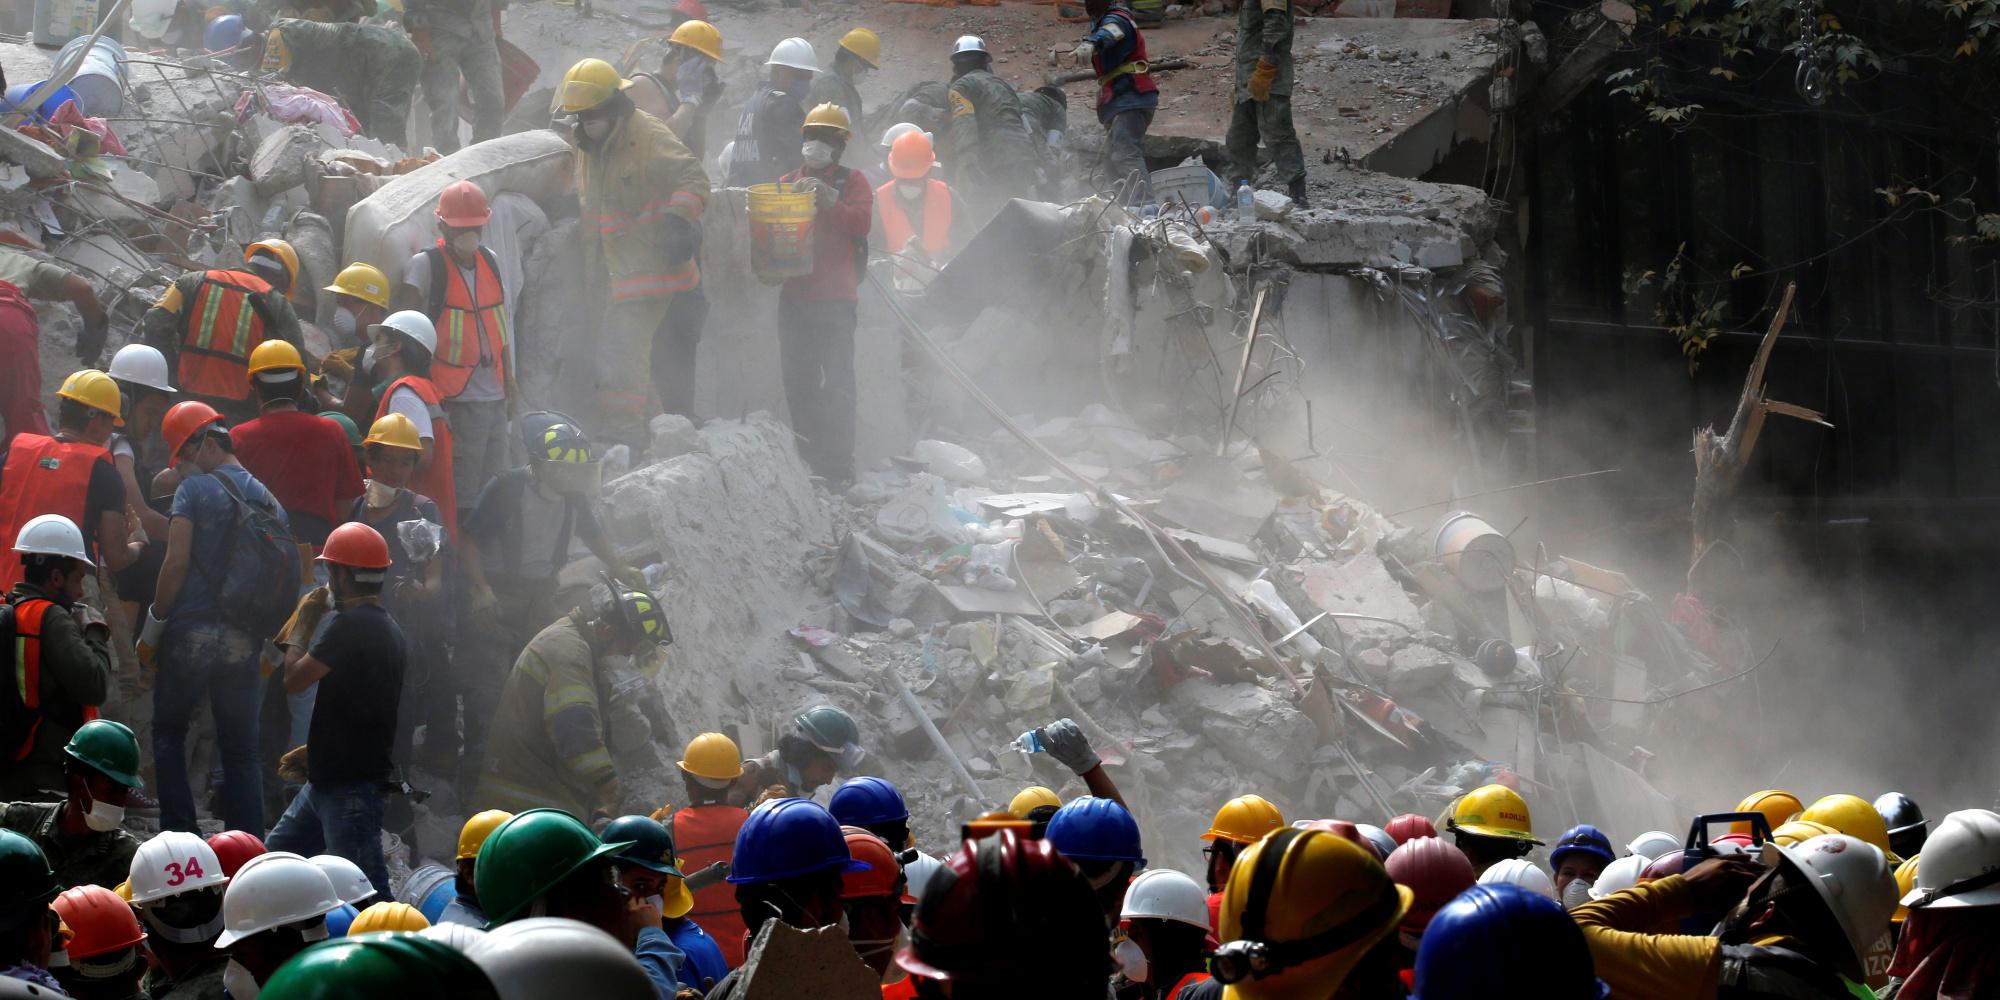 زلزال المكسيك دمر كل شيء ما عدا تمثال مريم العذراء فاعتبرها الآلاف معجزة.. شاهد بنفسك